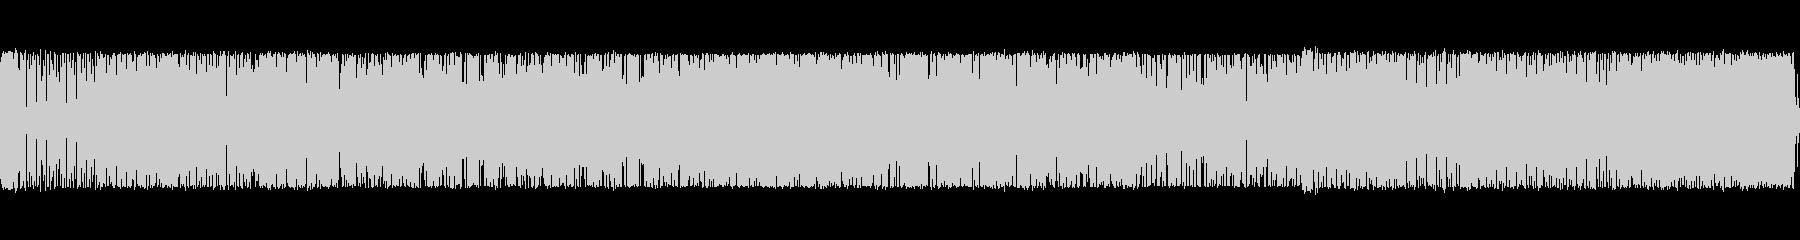 8bitピコピコ(エンディング付き)の未再生の波形